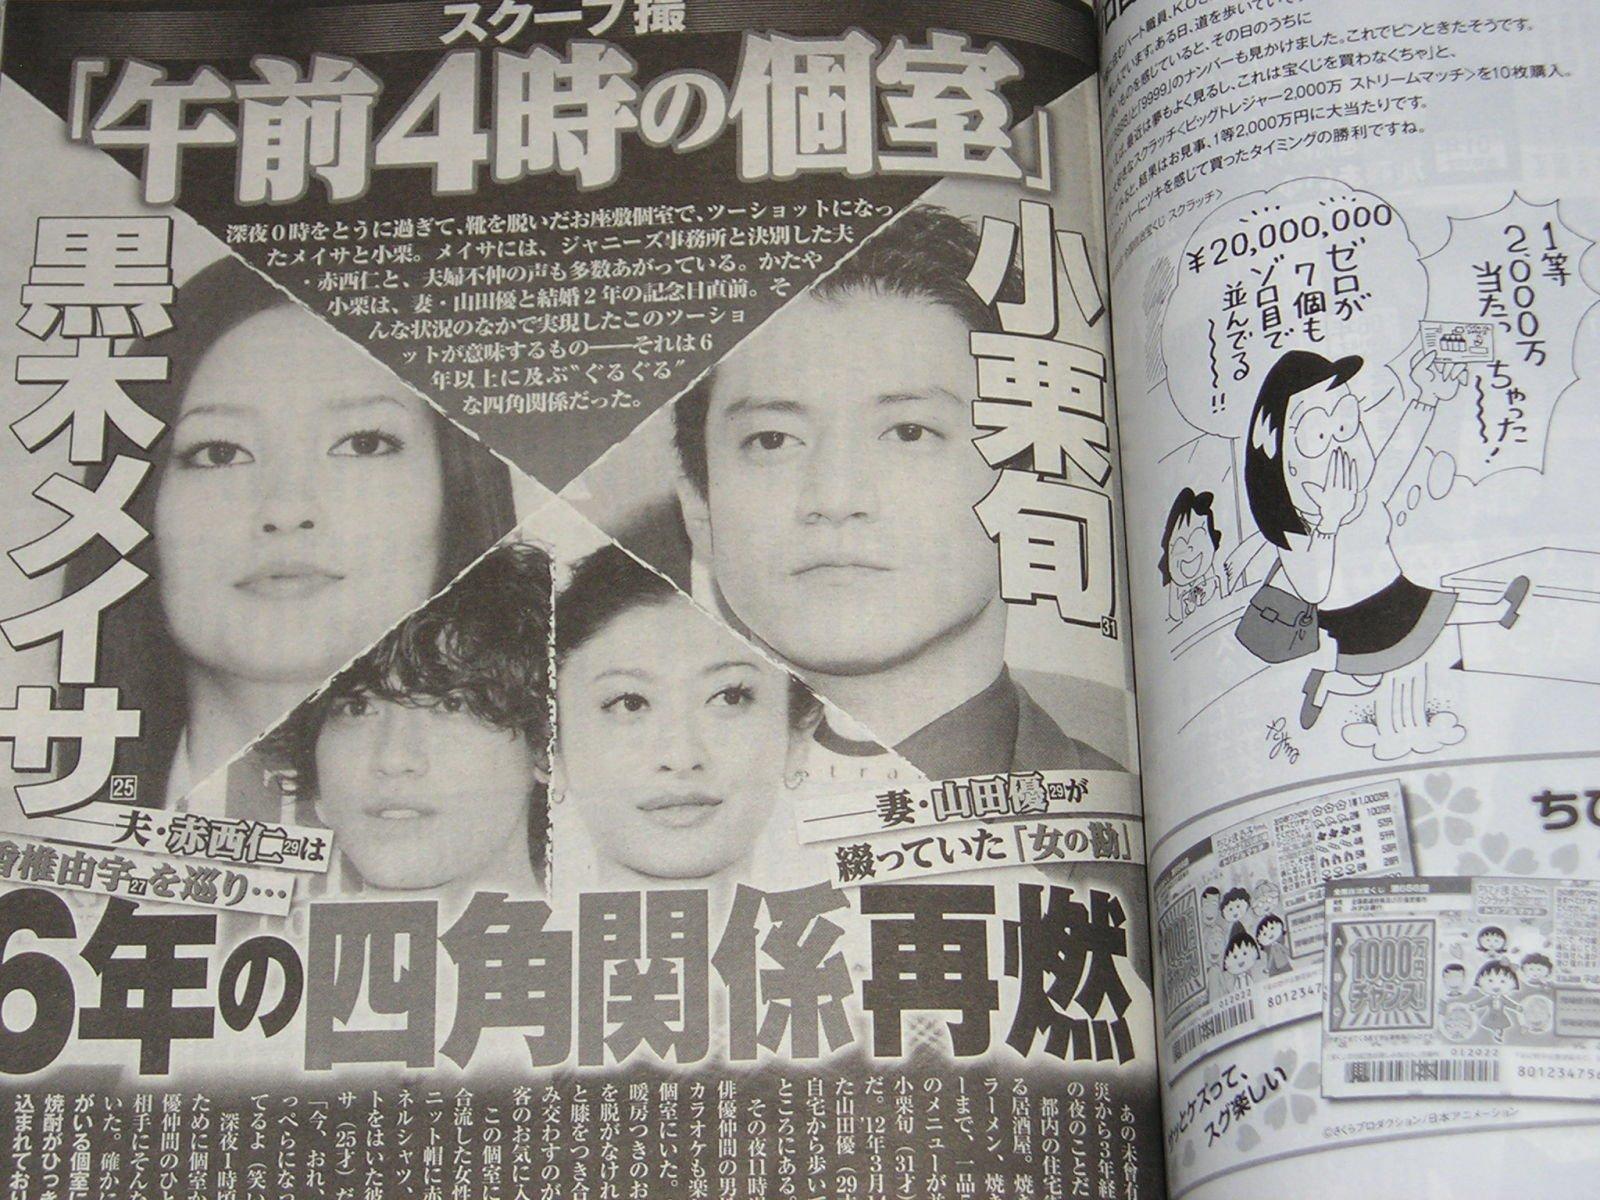 小栗旬 浮気 週刊誌에 대한 이미지 검색결과